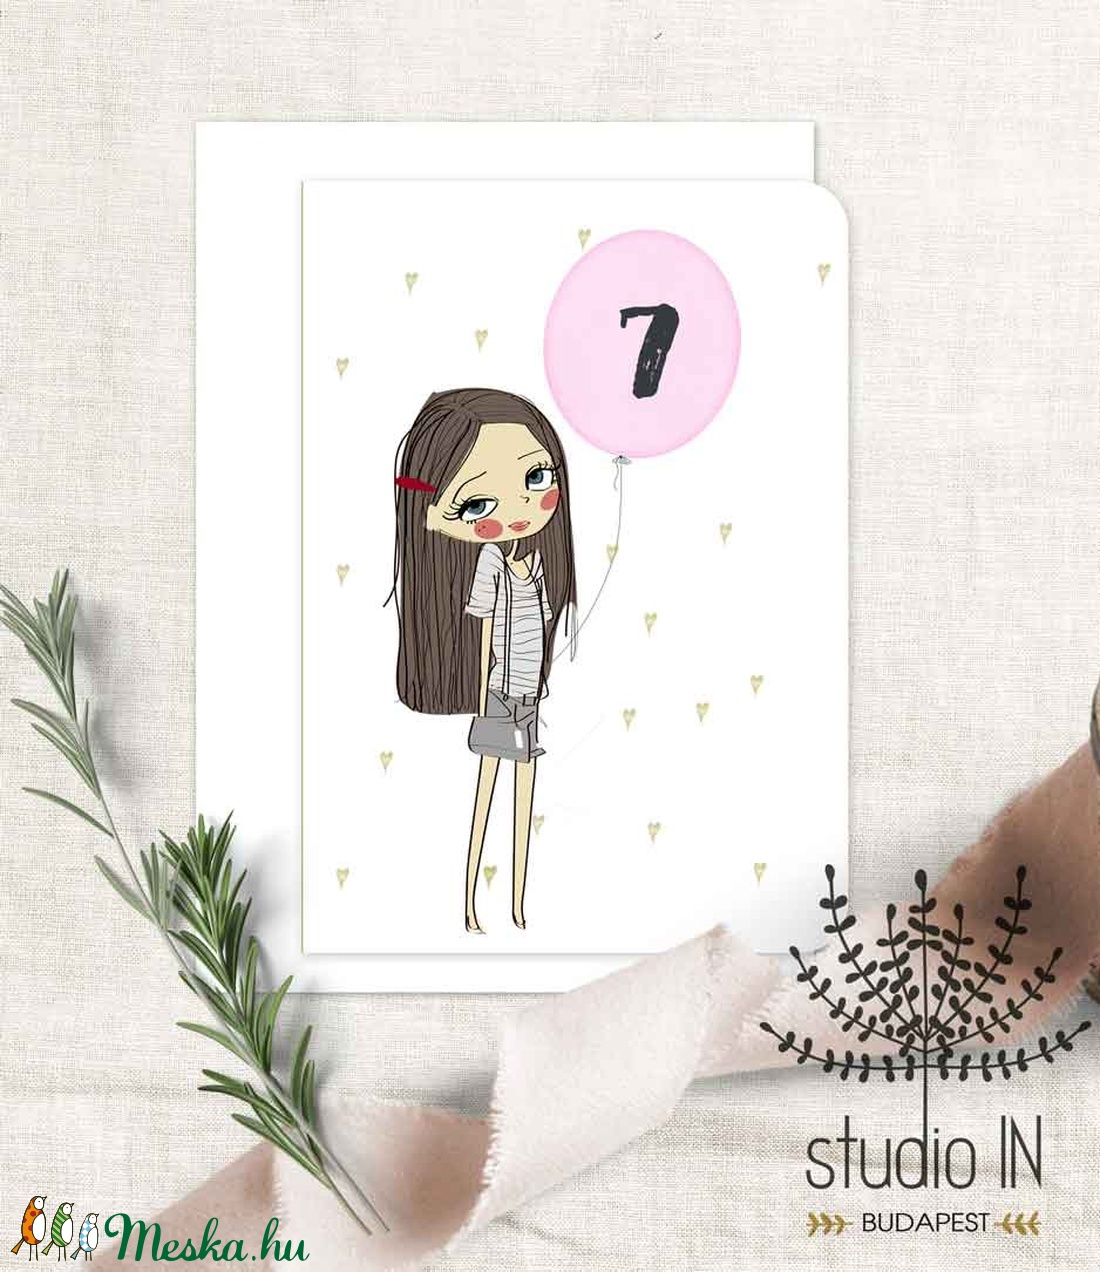 Születésnapi képeslap, csajos születésnap, születésnapi üdvözlő, képeslap (Studioin) - Meska.hu